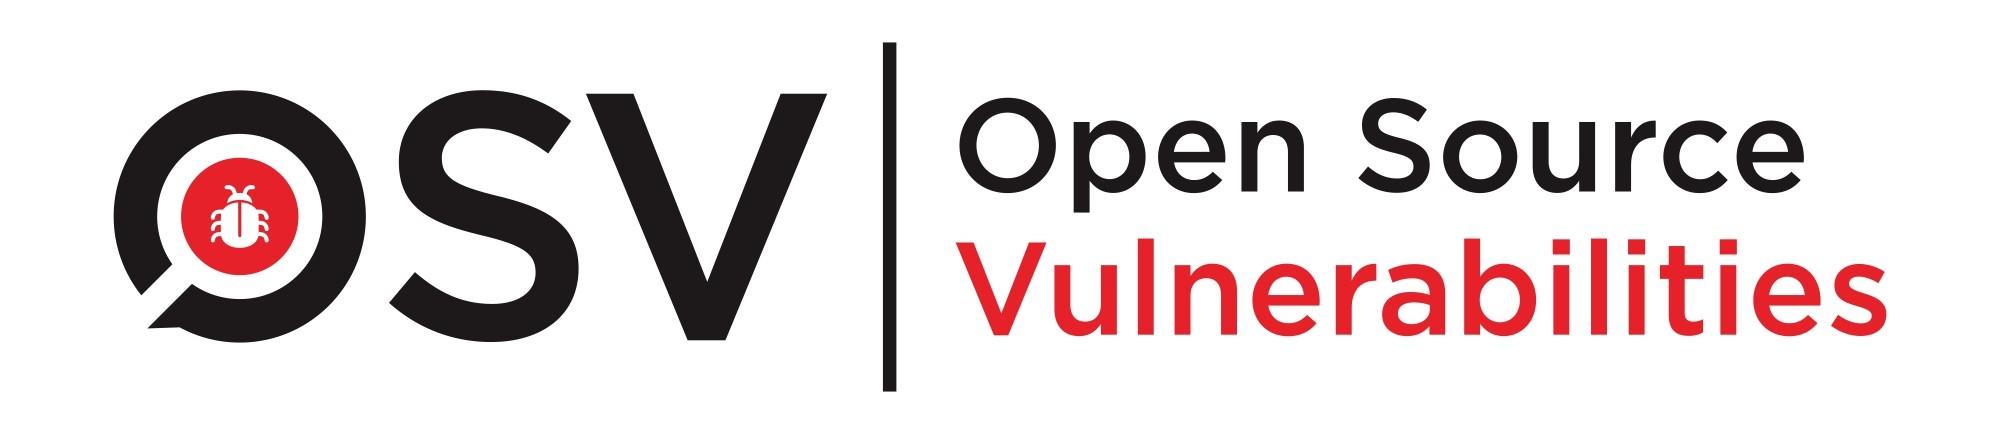 Open Source Vulnerabilities logo